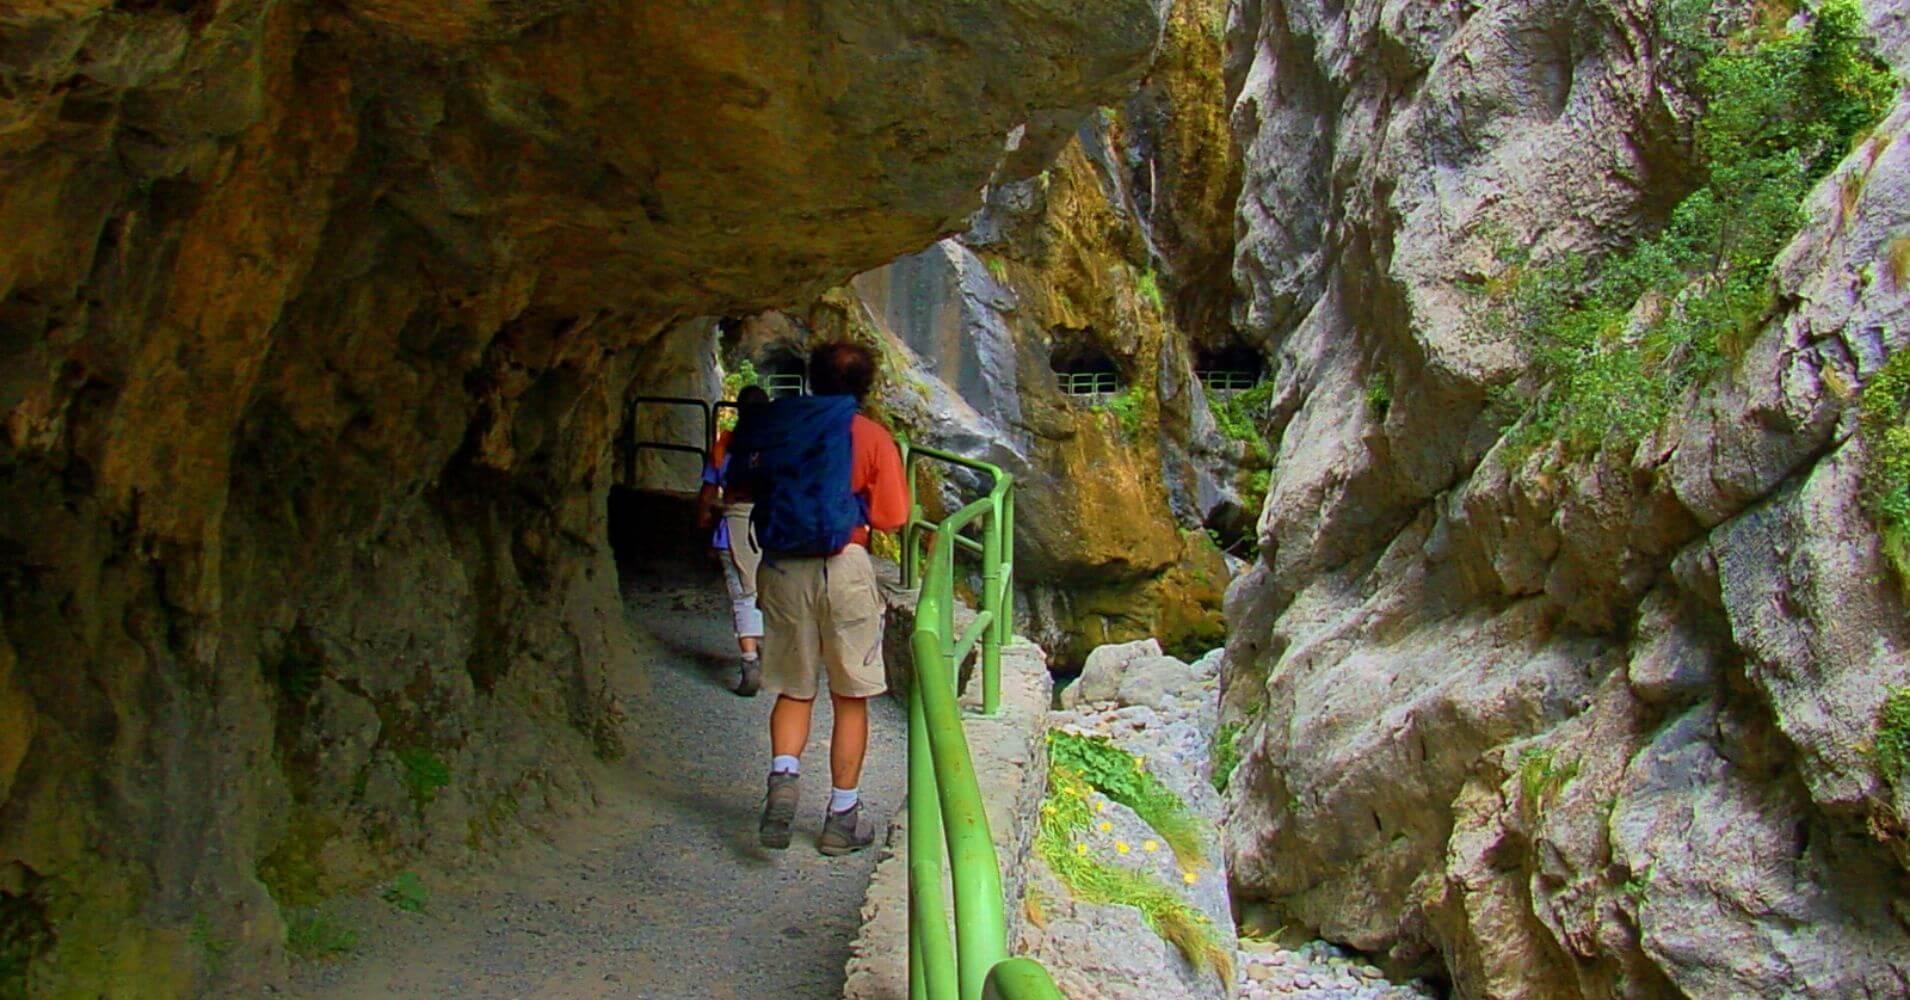 Túneles de la Ruta del Cares, Puente de los Rebecos. Caín, León.